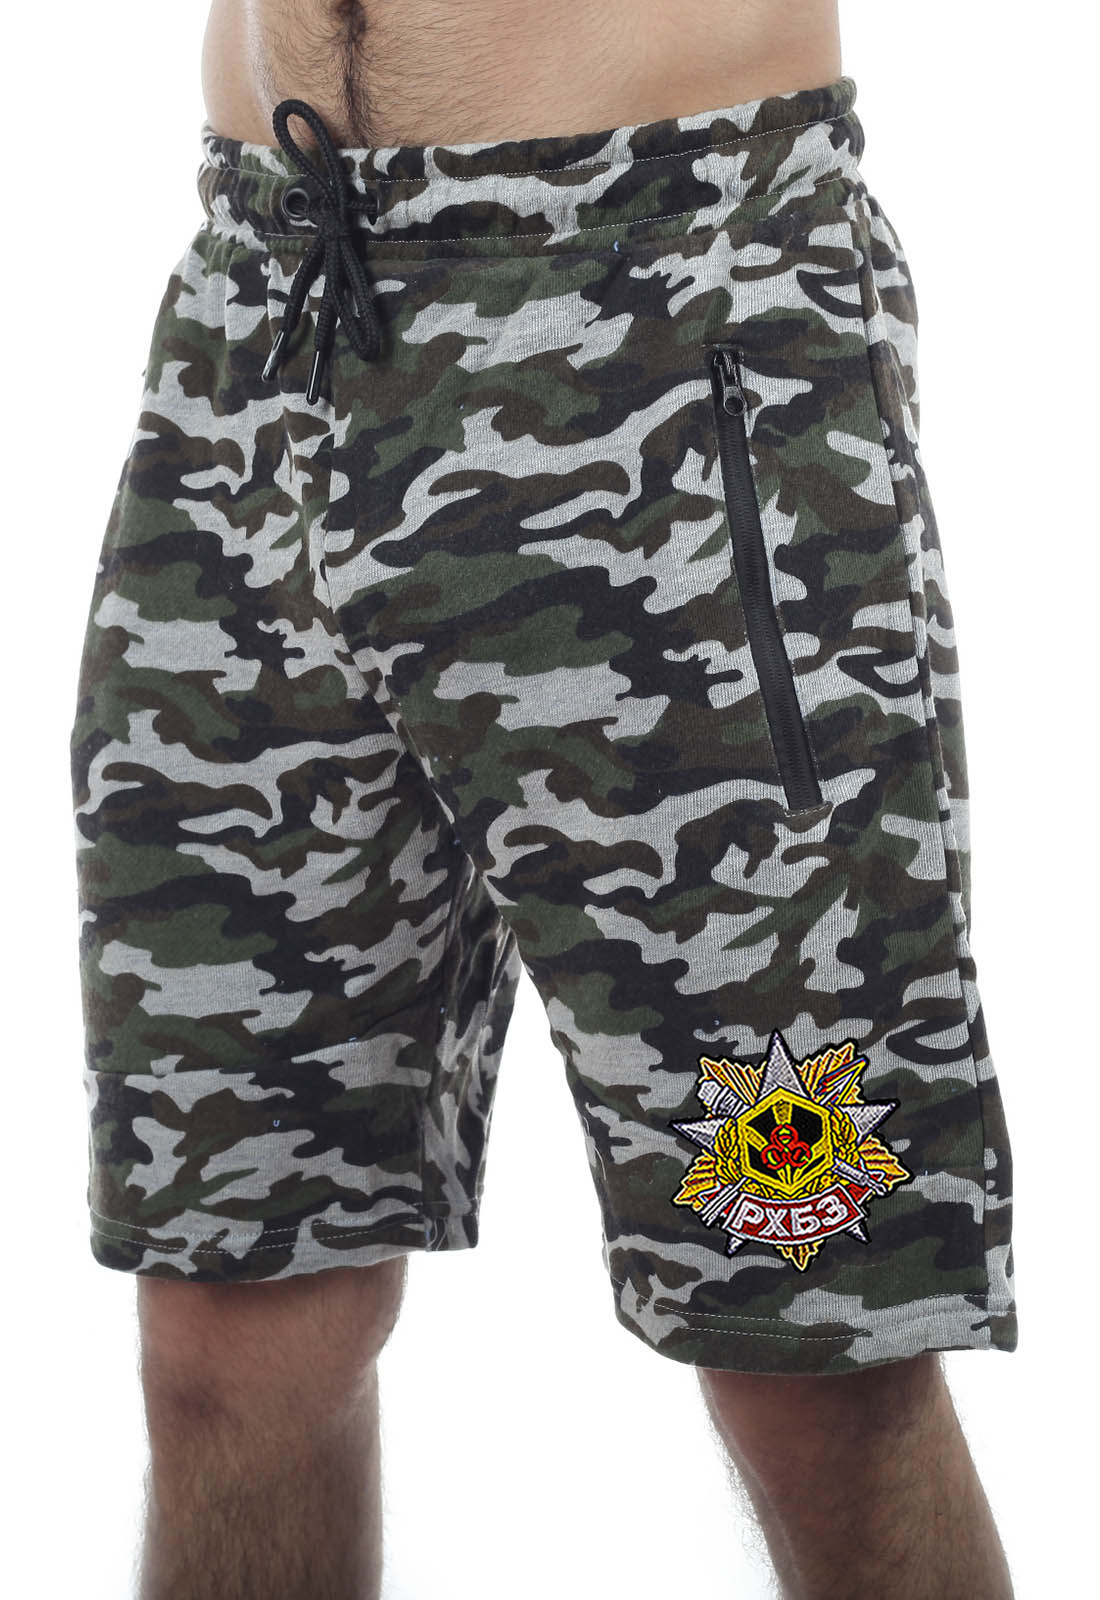 Купить мужские особенные хаки-шорты с нашивкой РХБЗ оптом выгодно